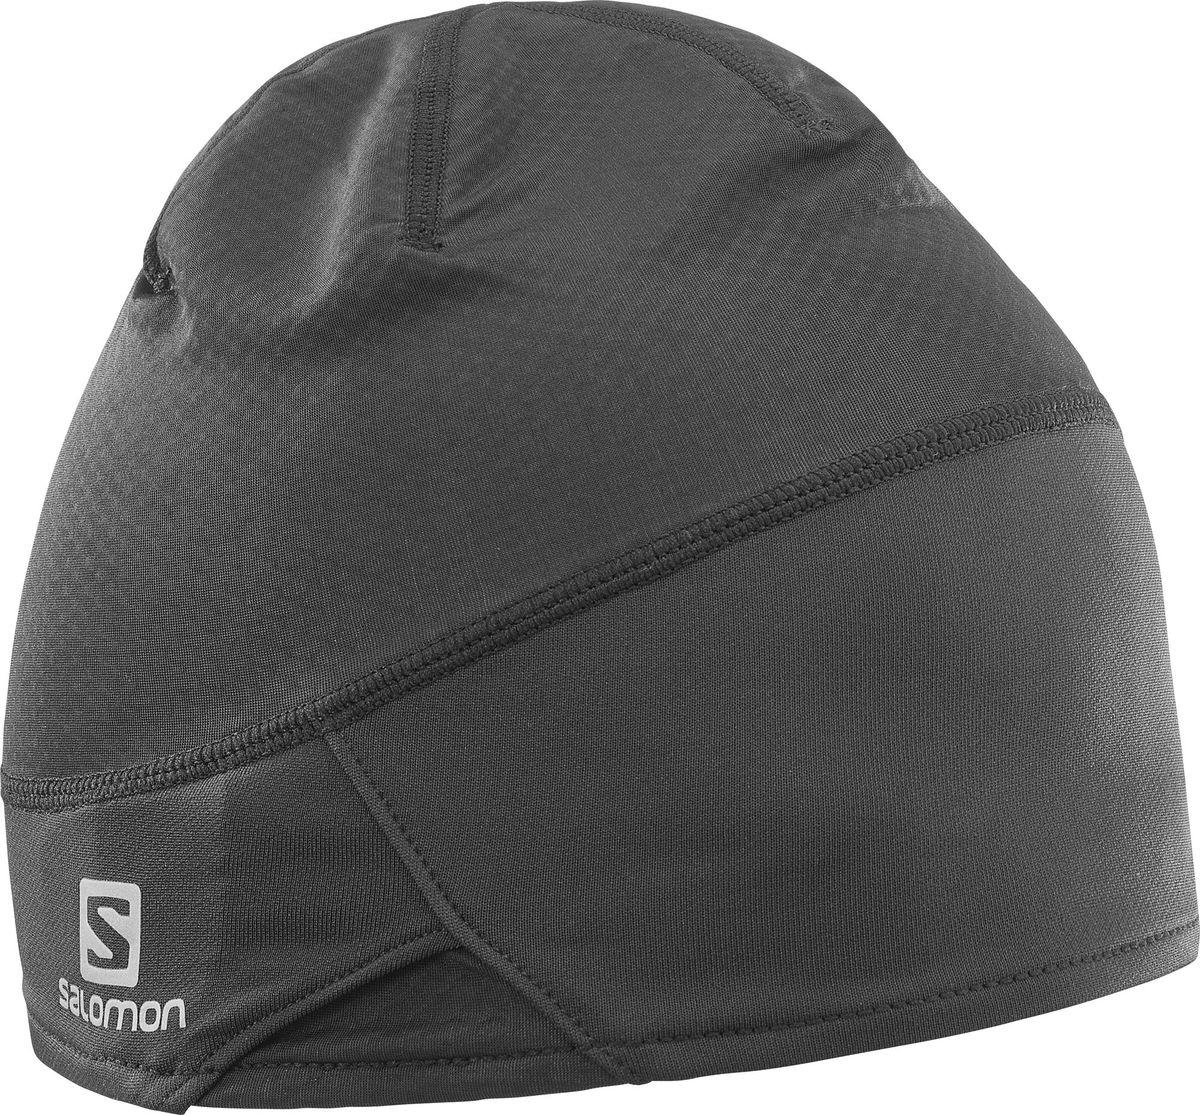 Шапка Salomon RS PRO Beanie, цвет: черный. L39491200. Размер L/XLL39491200Шапка RS PRO BEANIE подходит тем, кто всегда требует большего — не только от себя, но и от своей зимней экипировки. Легкий материал AdvancedSkin ActiveDry в сочетании со впитывающей банданой AdvancedSkin Warm защищает от пота, сохраняя сухость и комфорт во время гонки или интенсивной тренировки.